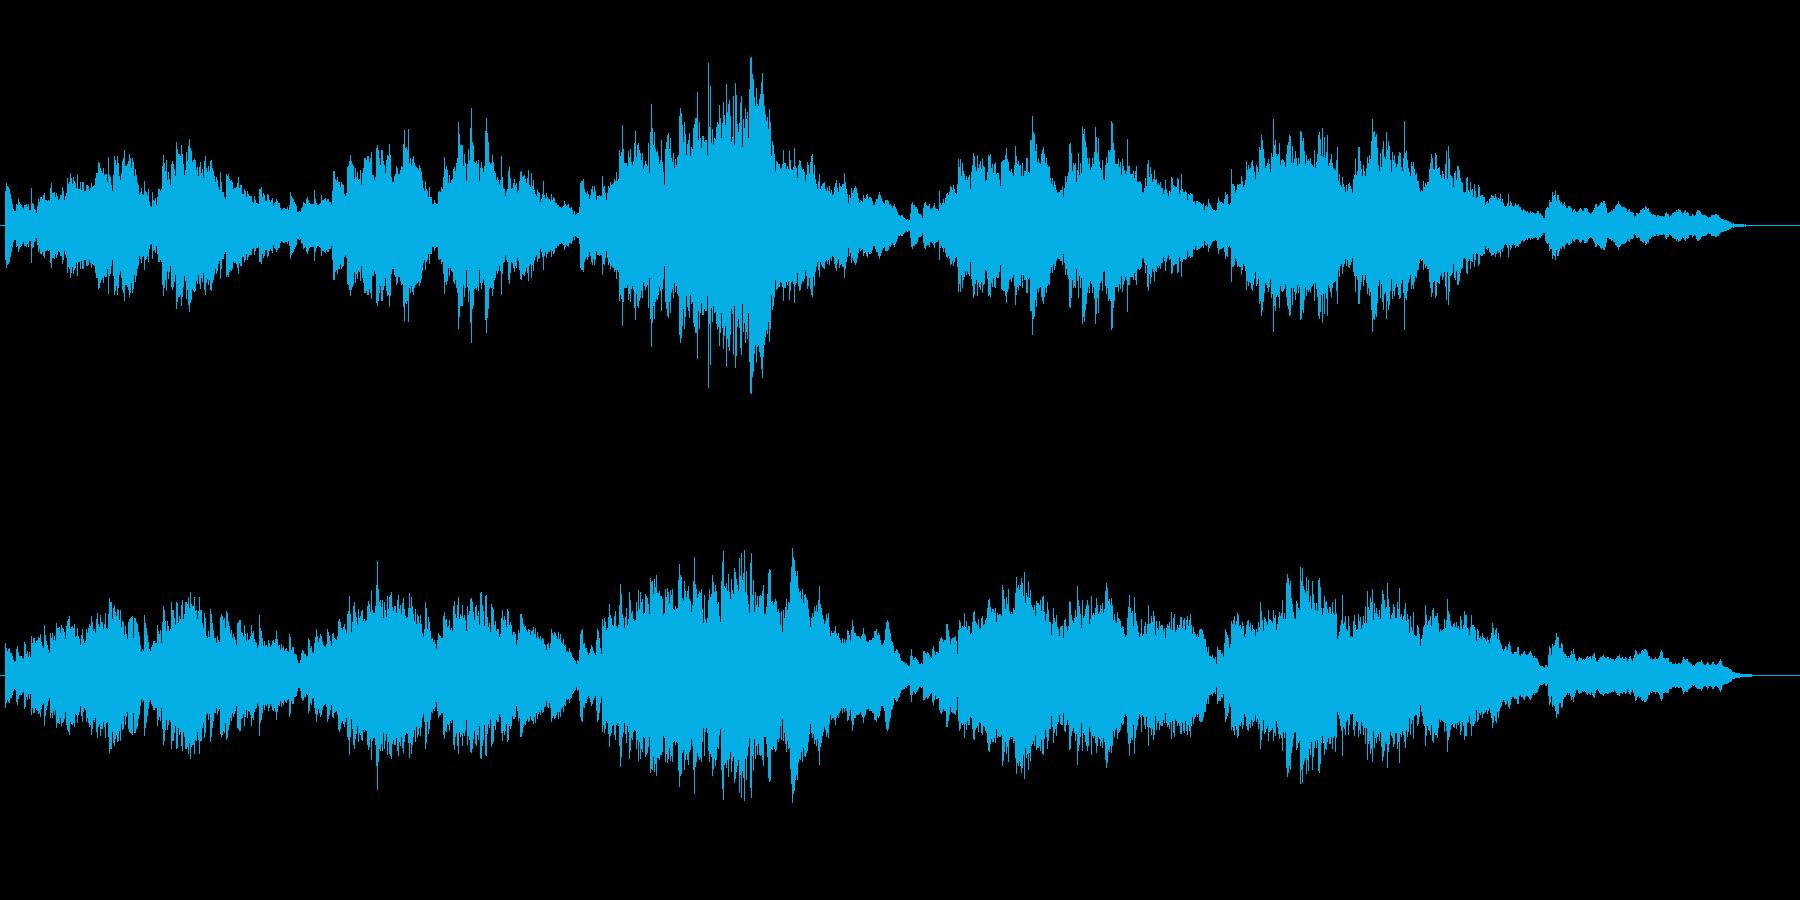 ピアノと弦楽器による美しく壮大な弦楽詩の再生済みの波形